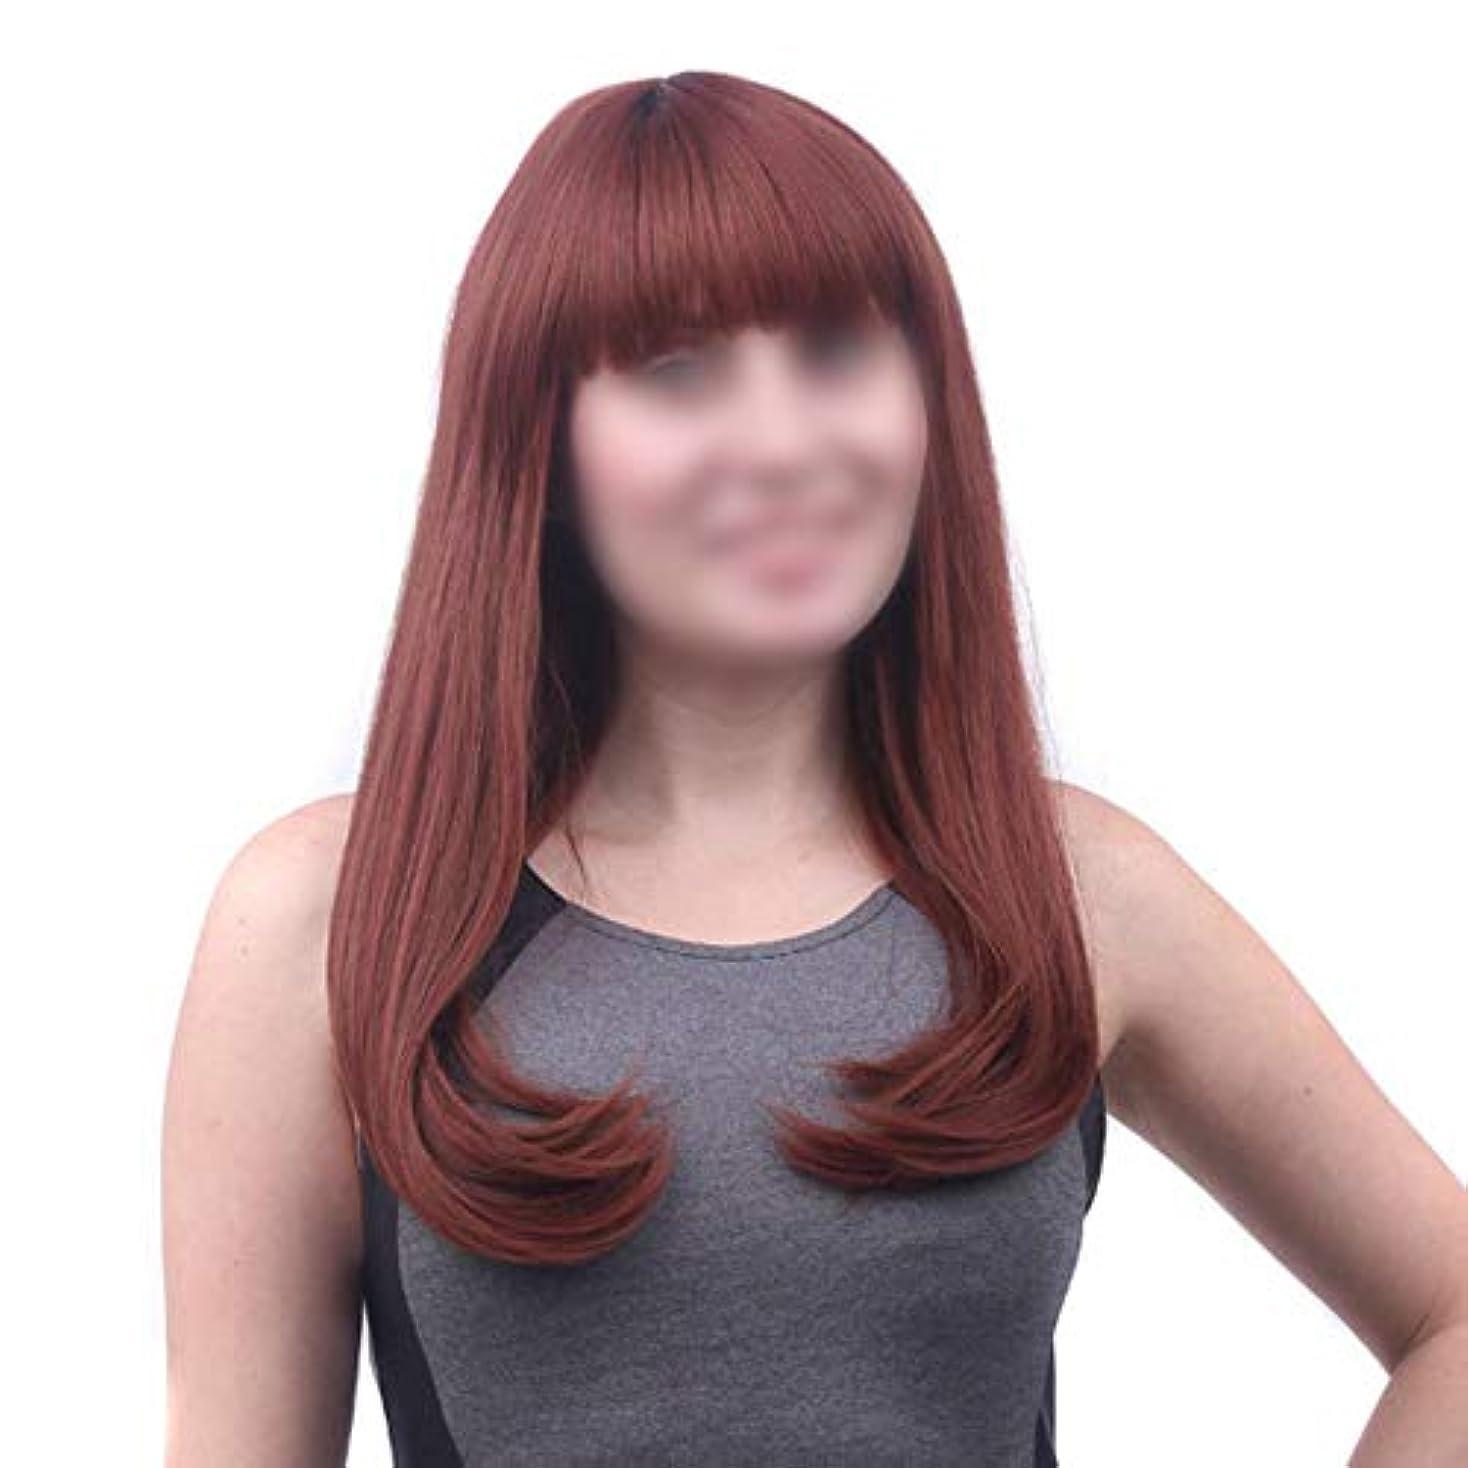 無駄カード観光に行くWASAIO 髪型付き合成かつらロングシルキーストレートナチュラルルックアクセサリースタイル交換用ウィッグ女性用、コスプレ衣装 (色 : ブラウン, サイズ : 55cm)